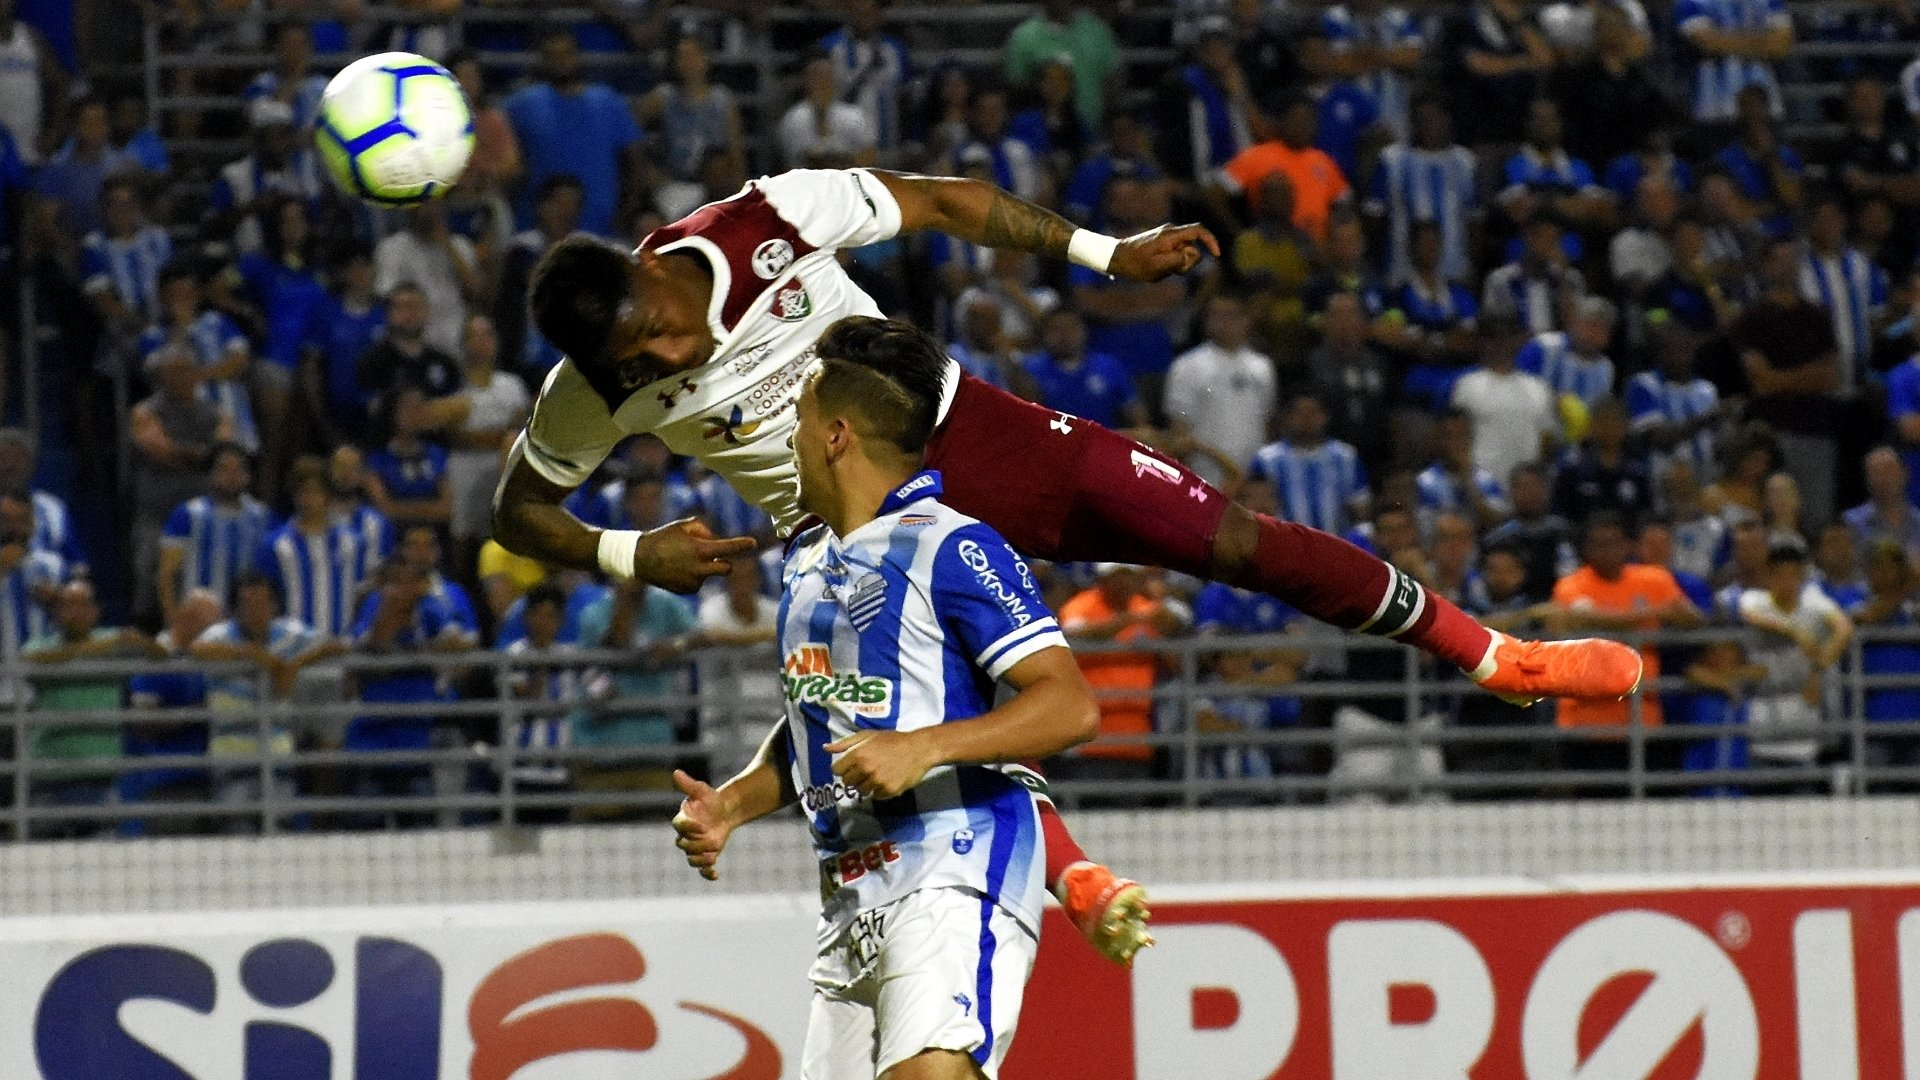 O atacante Yony Gonzaléz usa a cabeça para fazer o gol salvador na vitória do Fluminense em Maceió